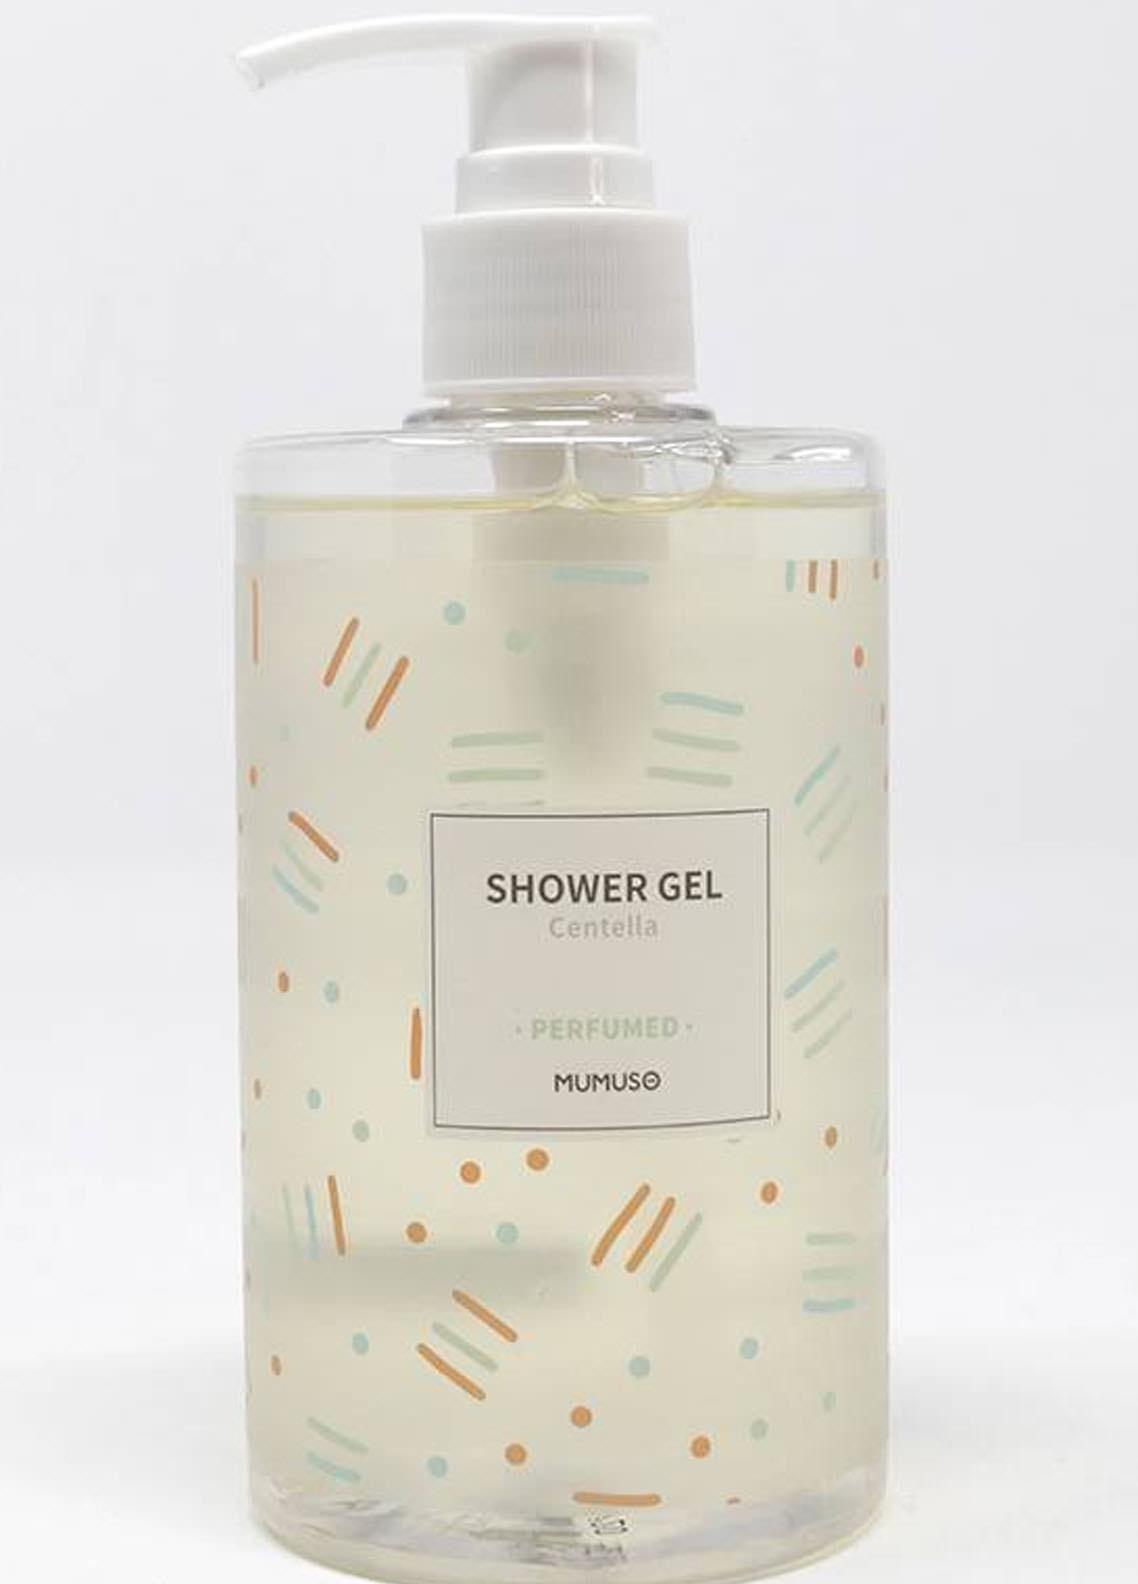 Mumuso Perfumed Shower Gel